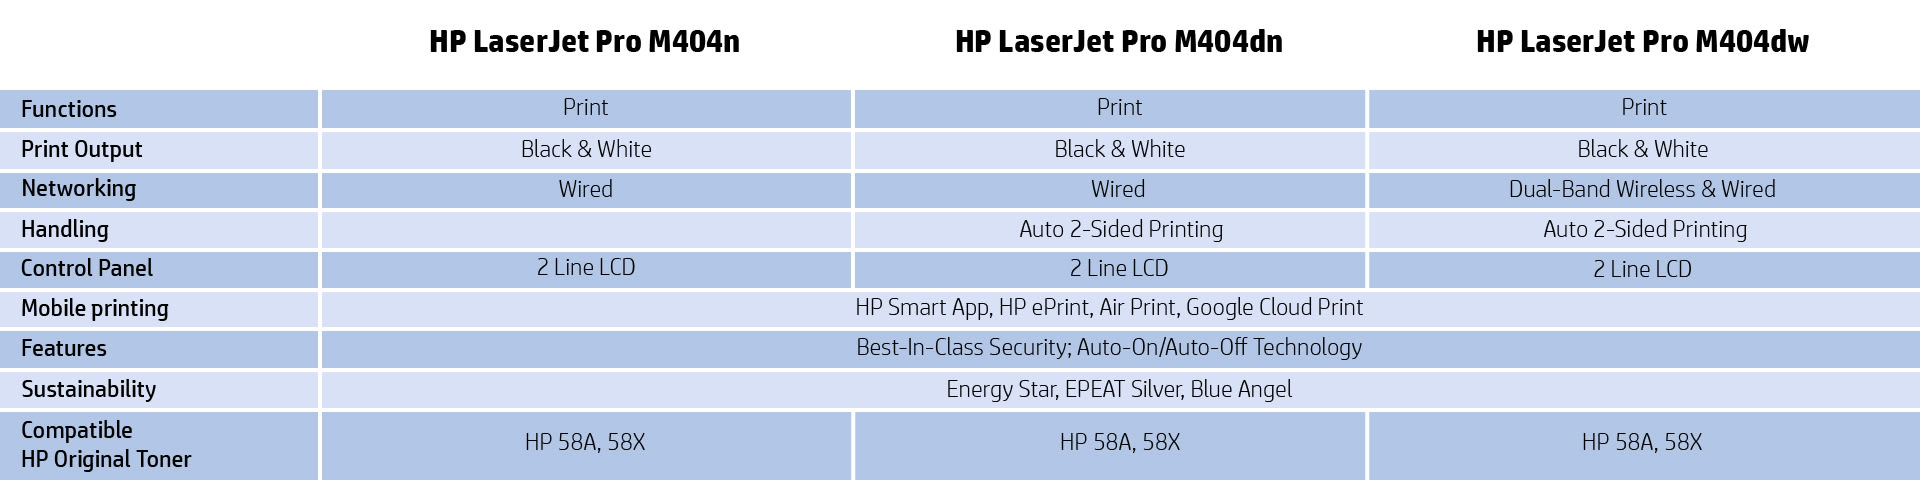 JP LaserJet Pro M404n